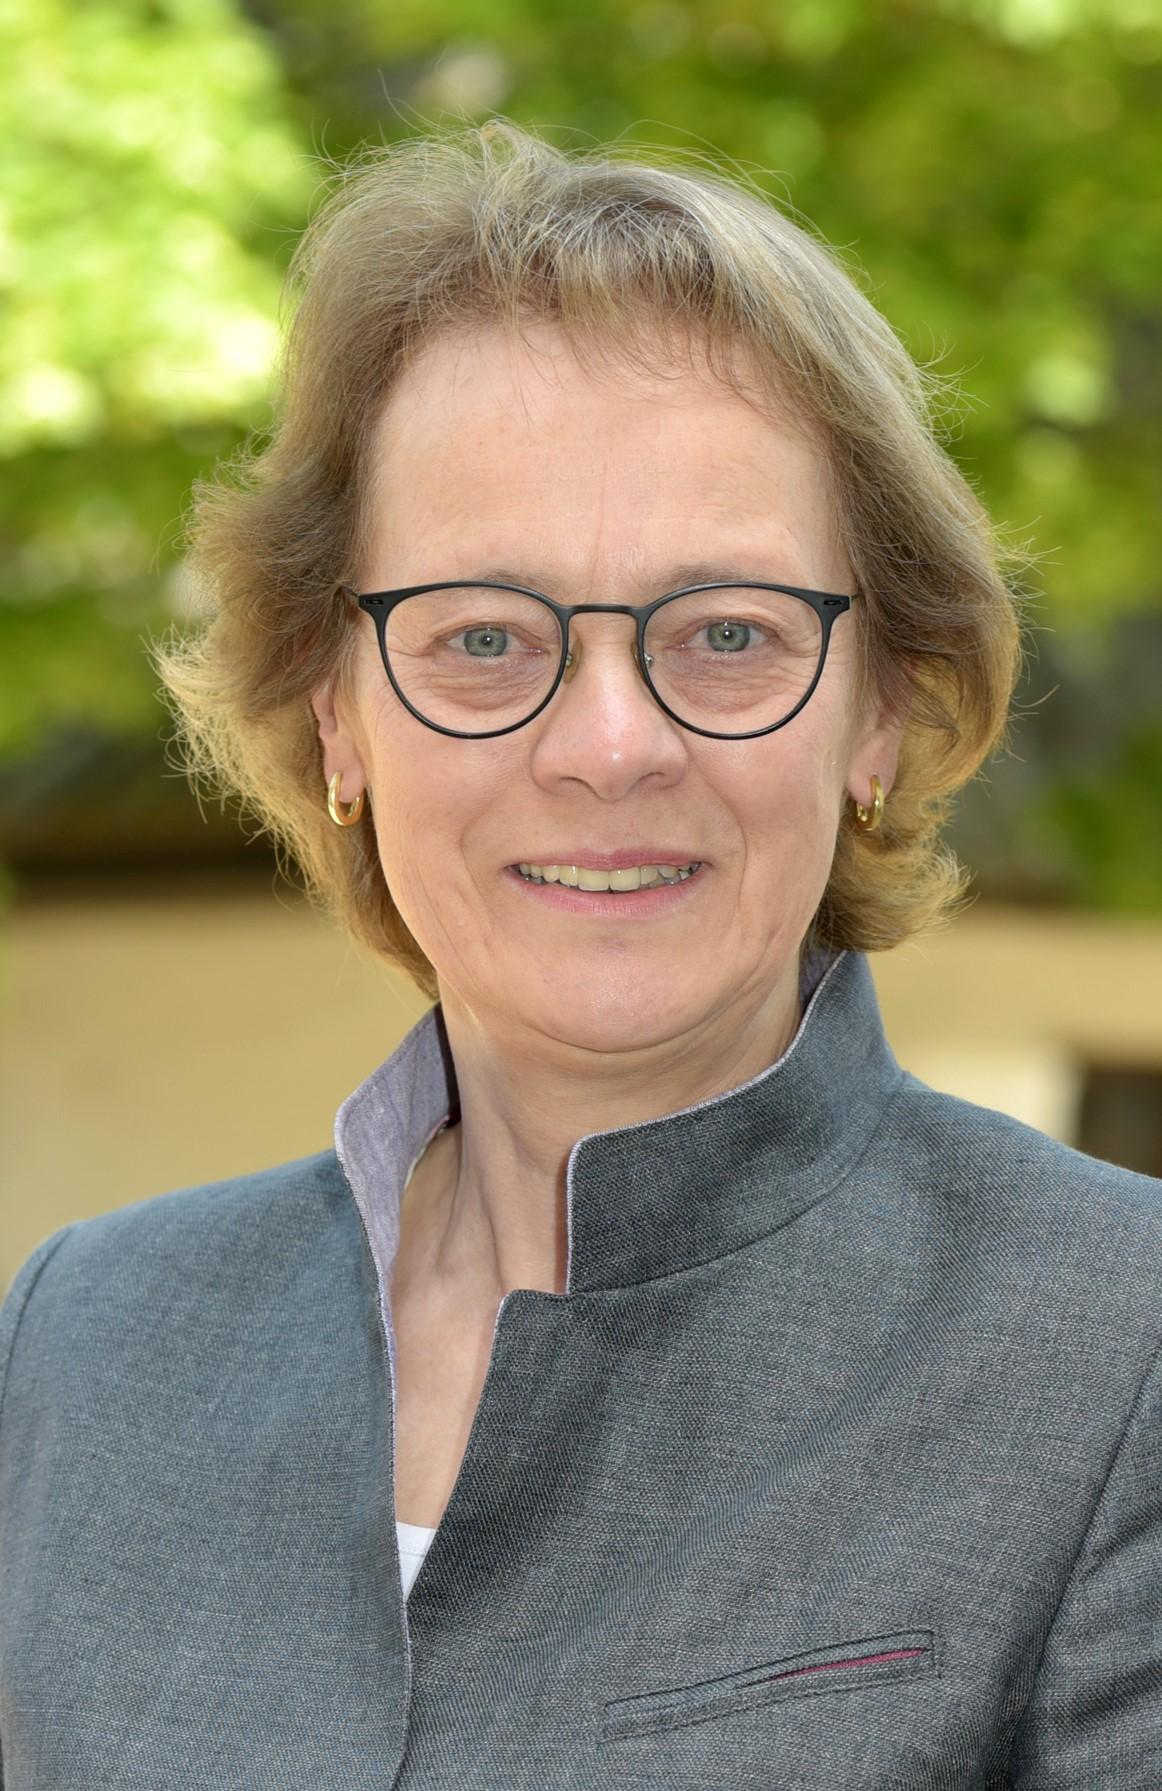 Abbildung von Dr. Maria Schoeller